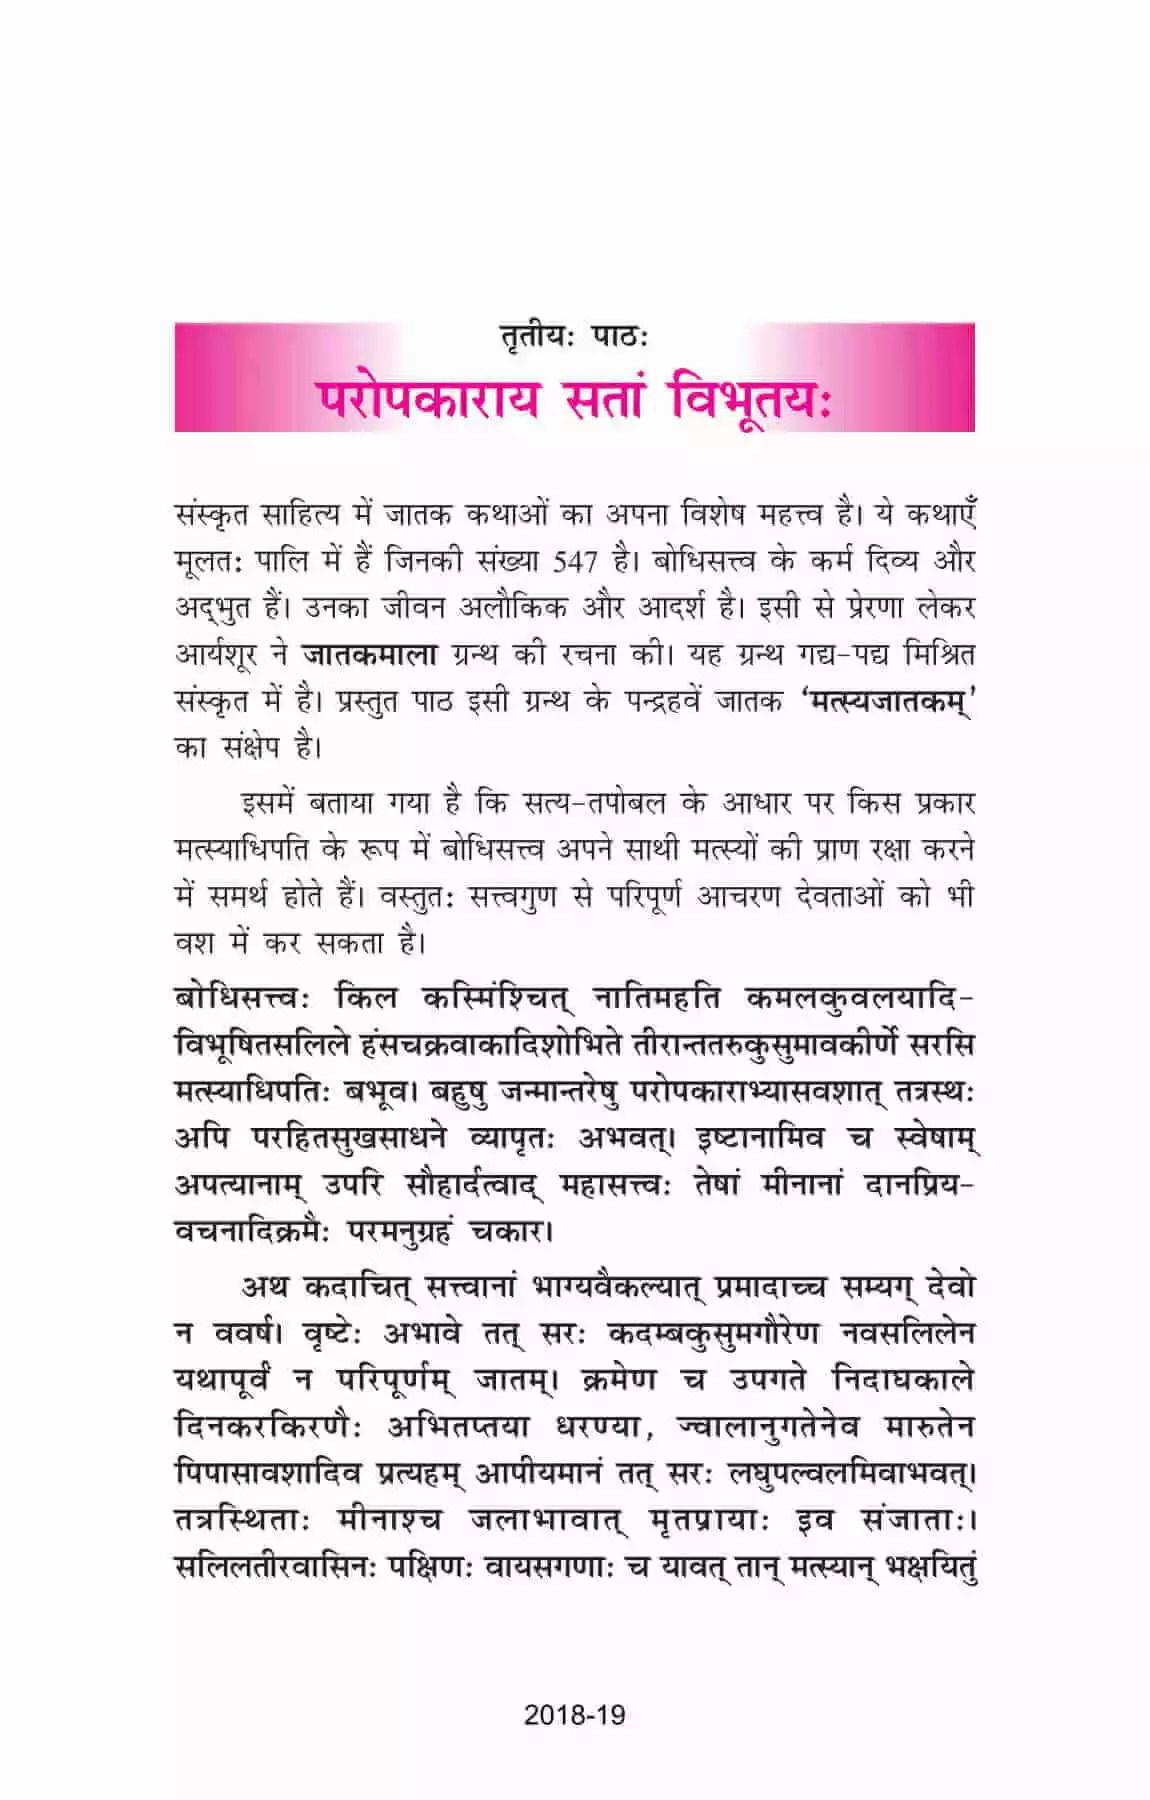 NCERT Solutions For Class 11 Sanskrit Shaswati Chapter 3